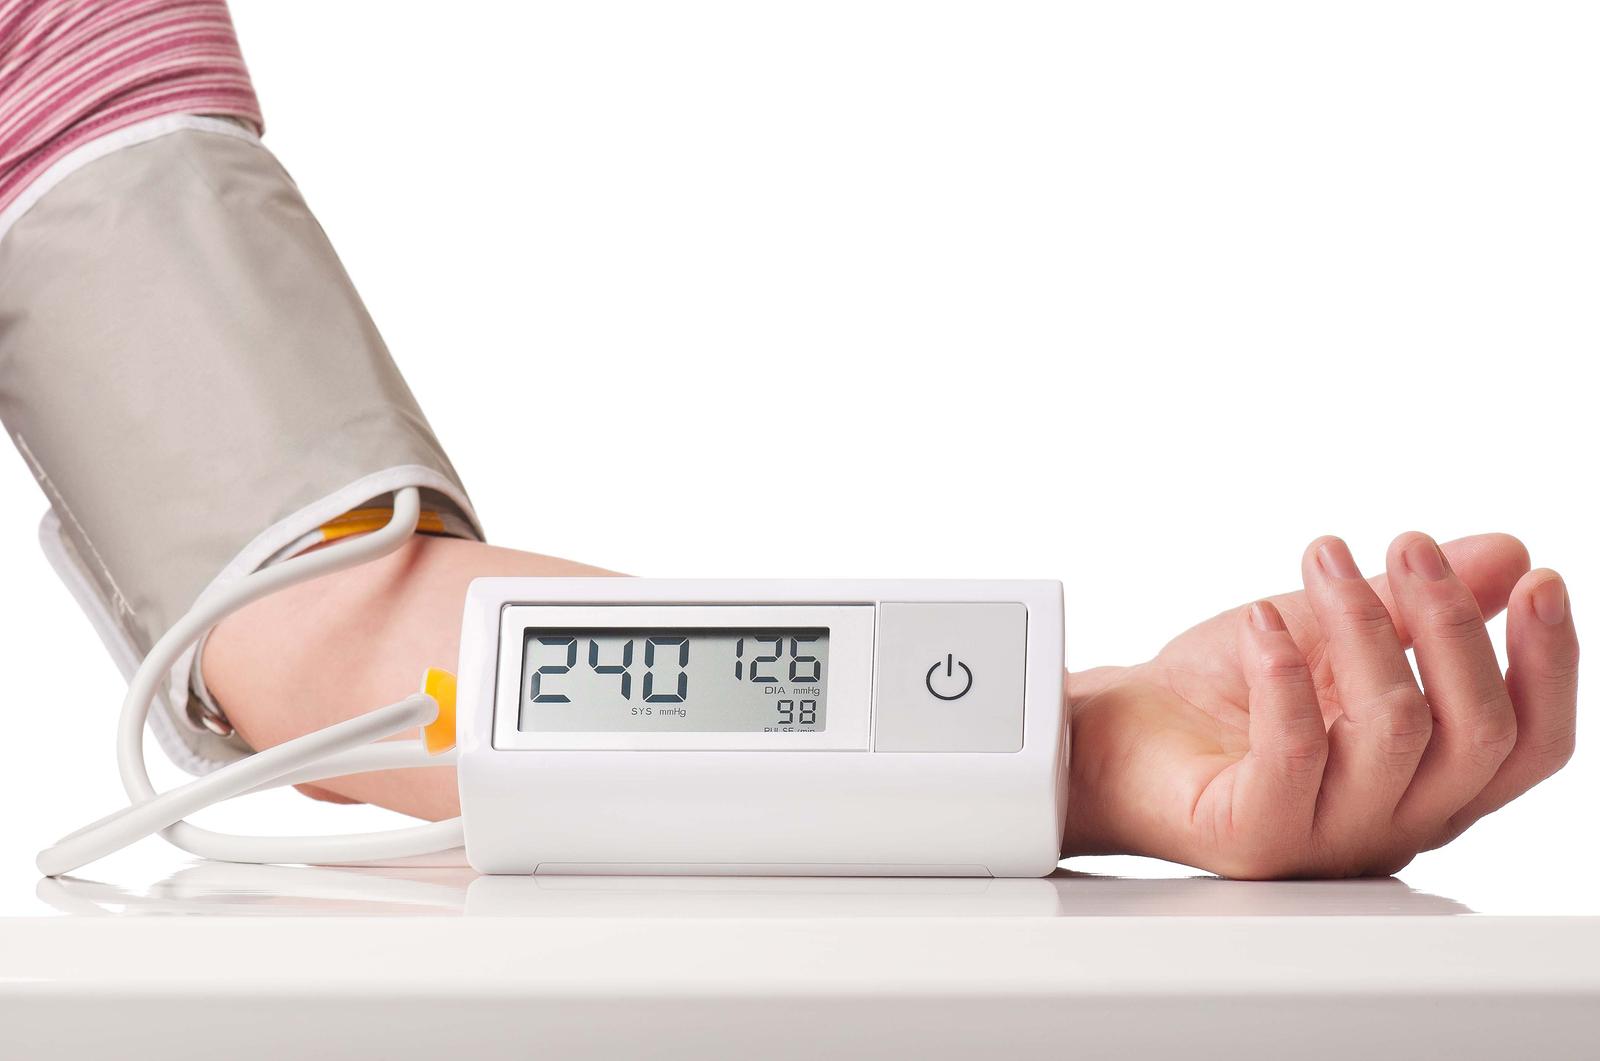 صورة مرض الضغط , معلومات يجب ان تعرفها عن مرض الضغط